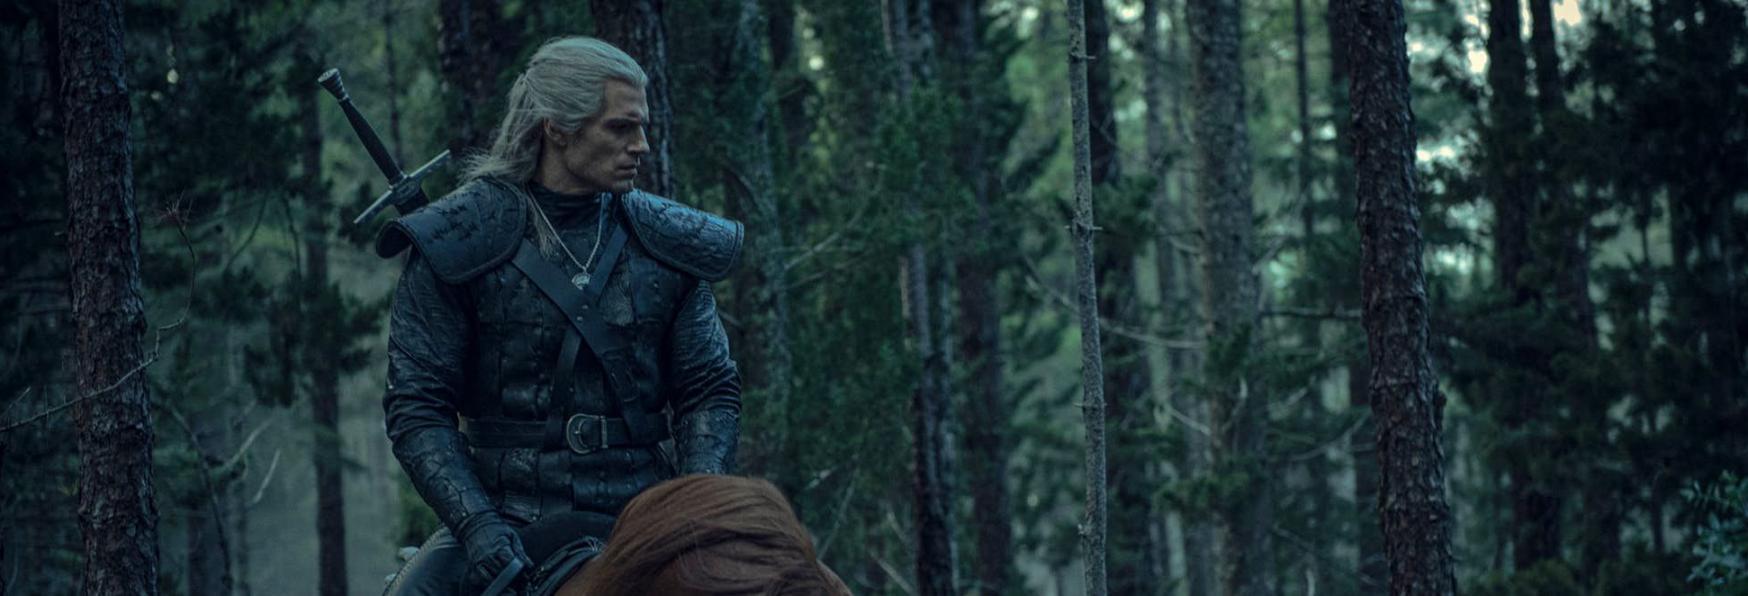 Blood Origin: lo Spin-Off di The Witcher avrà un Villain inatteso?